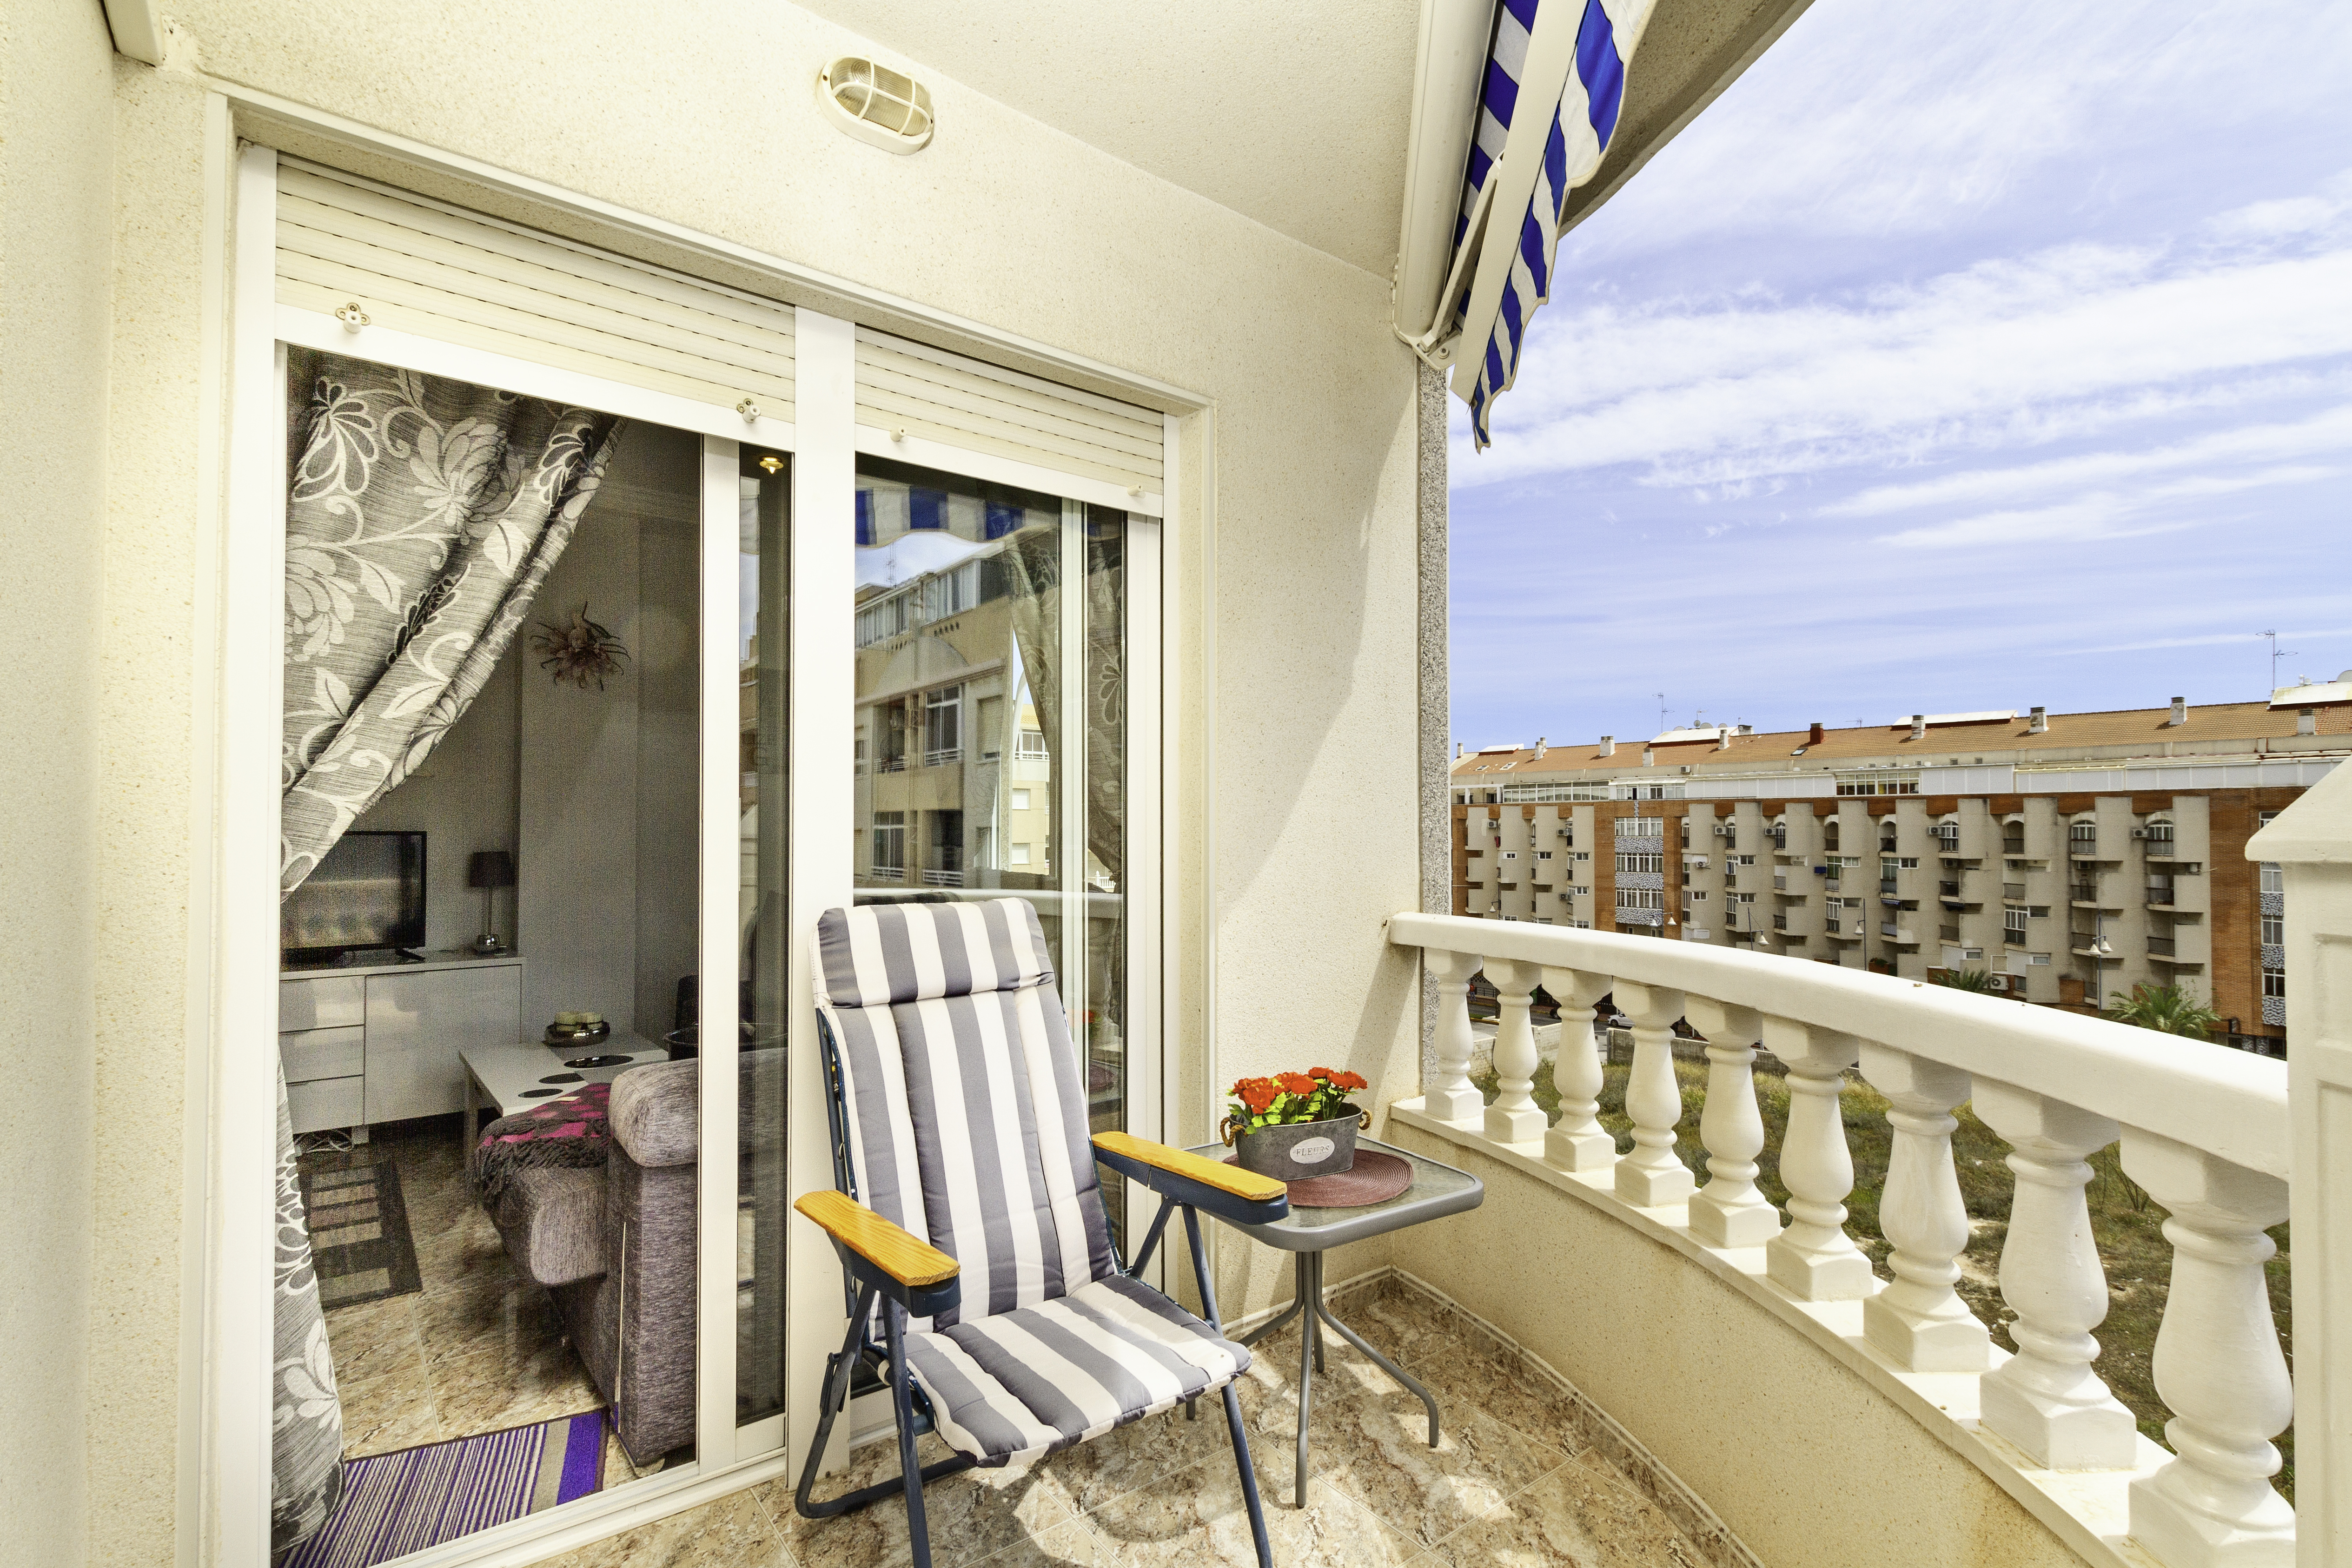 Appartement de vacances Geräumige Wohnung nur 500 Meter vom Strand entfernt (2611011), Torrevieja, Costa Blanca, Valence, Espagne, image 2